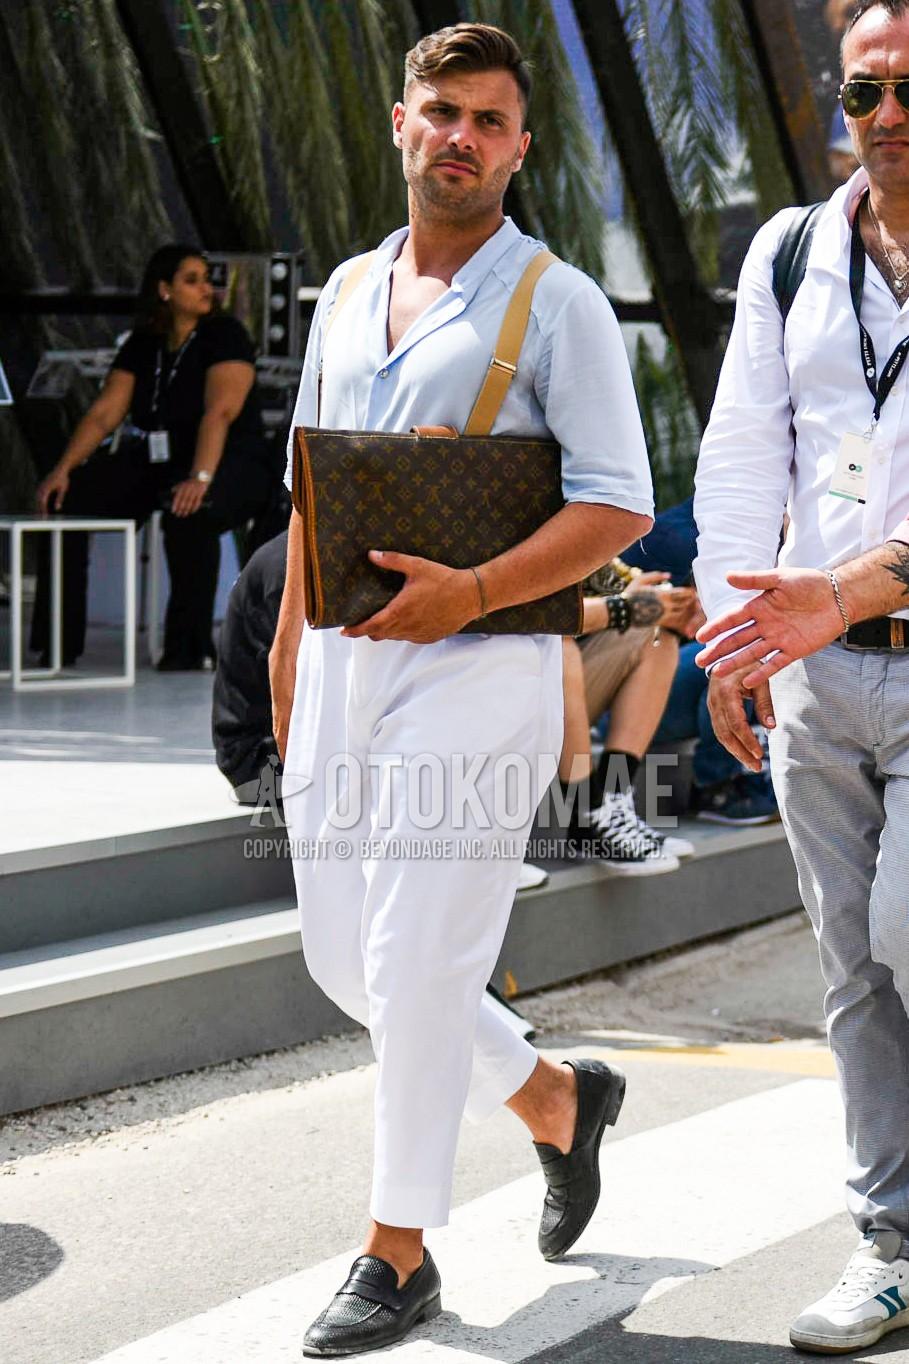 水色無地のシャツ、白無地のコットンパンツ、黒コインローファーの革靴、ルイヴィトンのブラウン無地のクラッチバッグ/セカンドバッグ/巾着を合わせた春夏のメンズコーデ・着こなし。